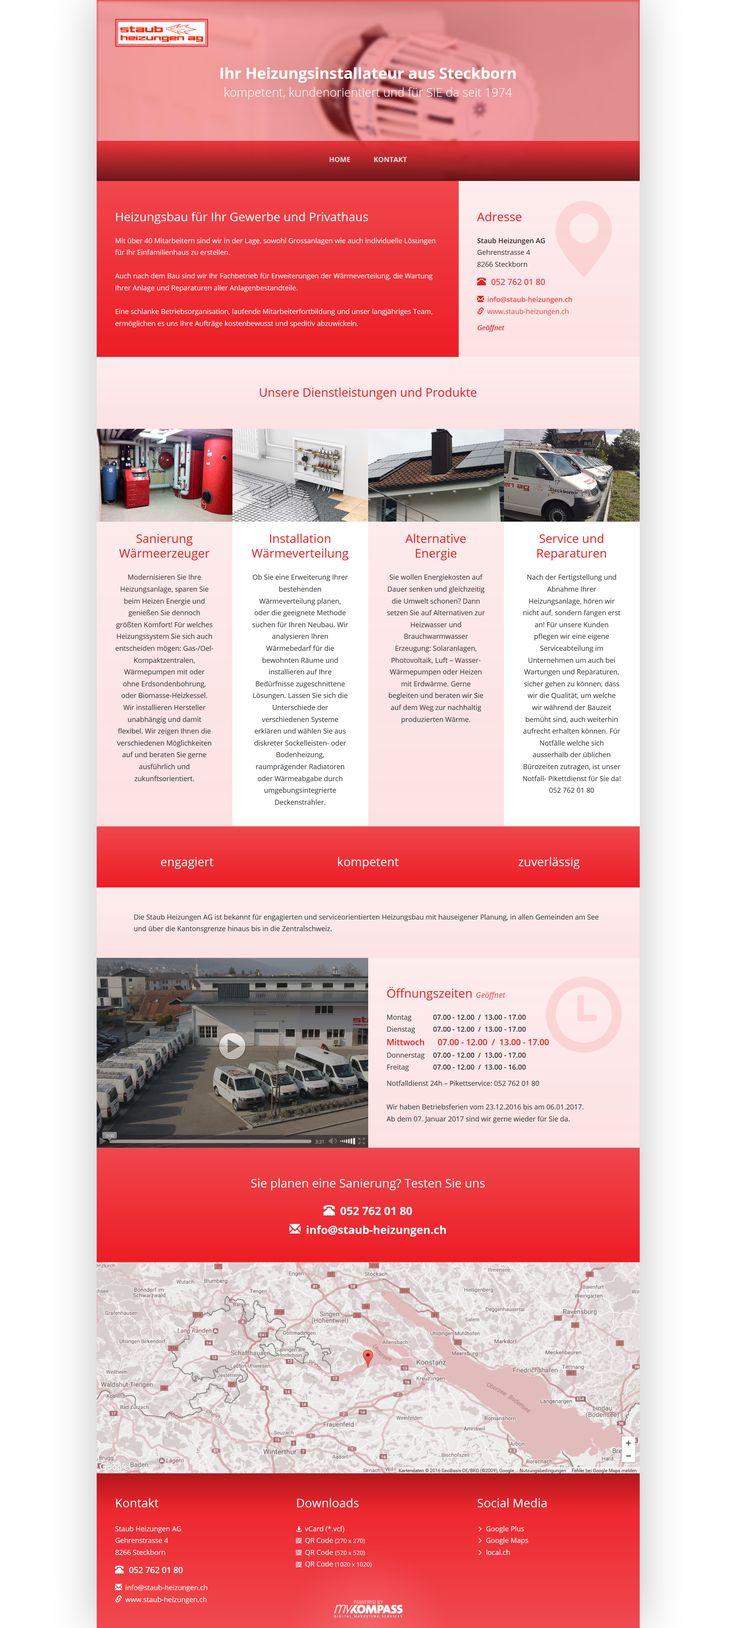 Staub Heizungen AG, Steckborn, Thurgau, Heizungsinstallateur, Sanierung Wärmeerzeuger, Installation Wärmeverteilung, Alternative Energie